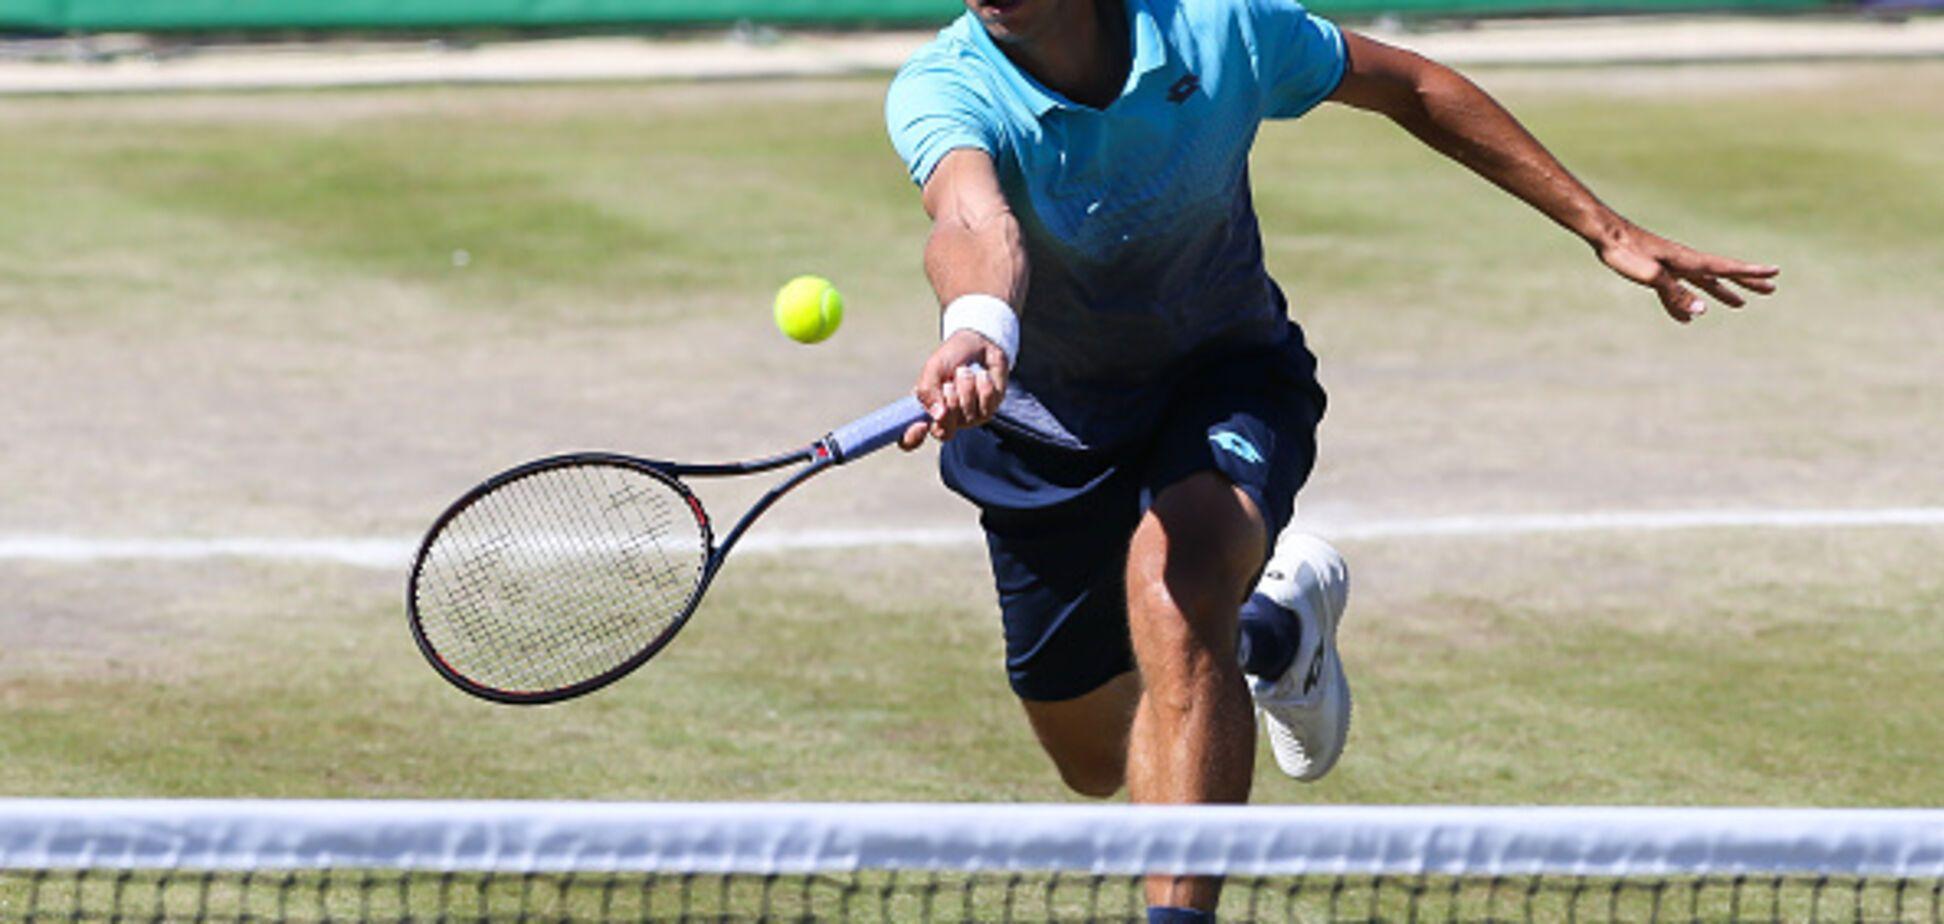 Украинец в финале-триллере стал победителем теннисного турнира в США